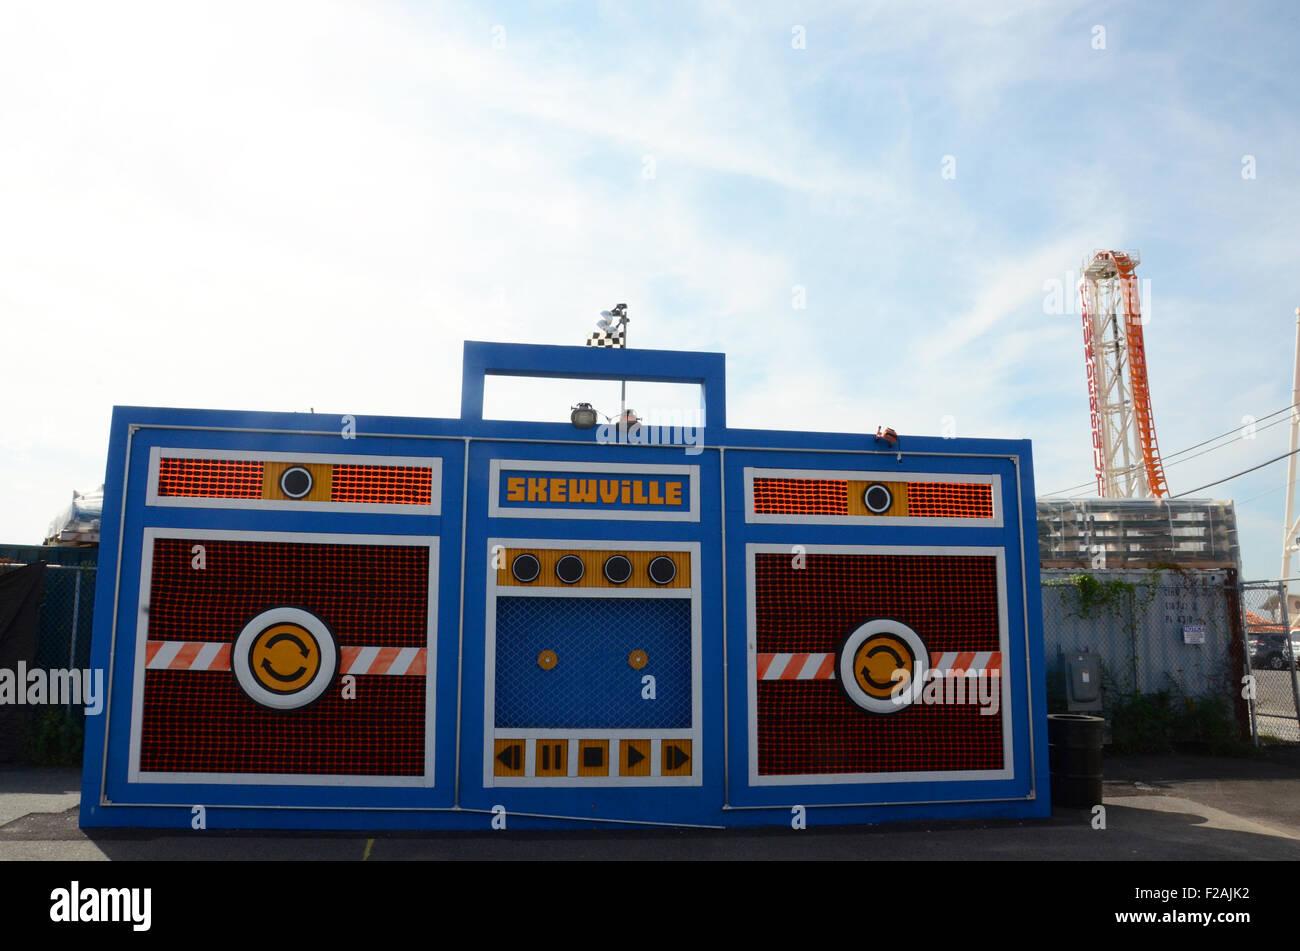 skewville coney art walls coney island brooklyn - Stock Image